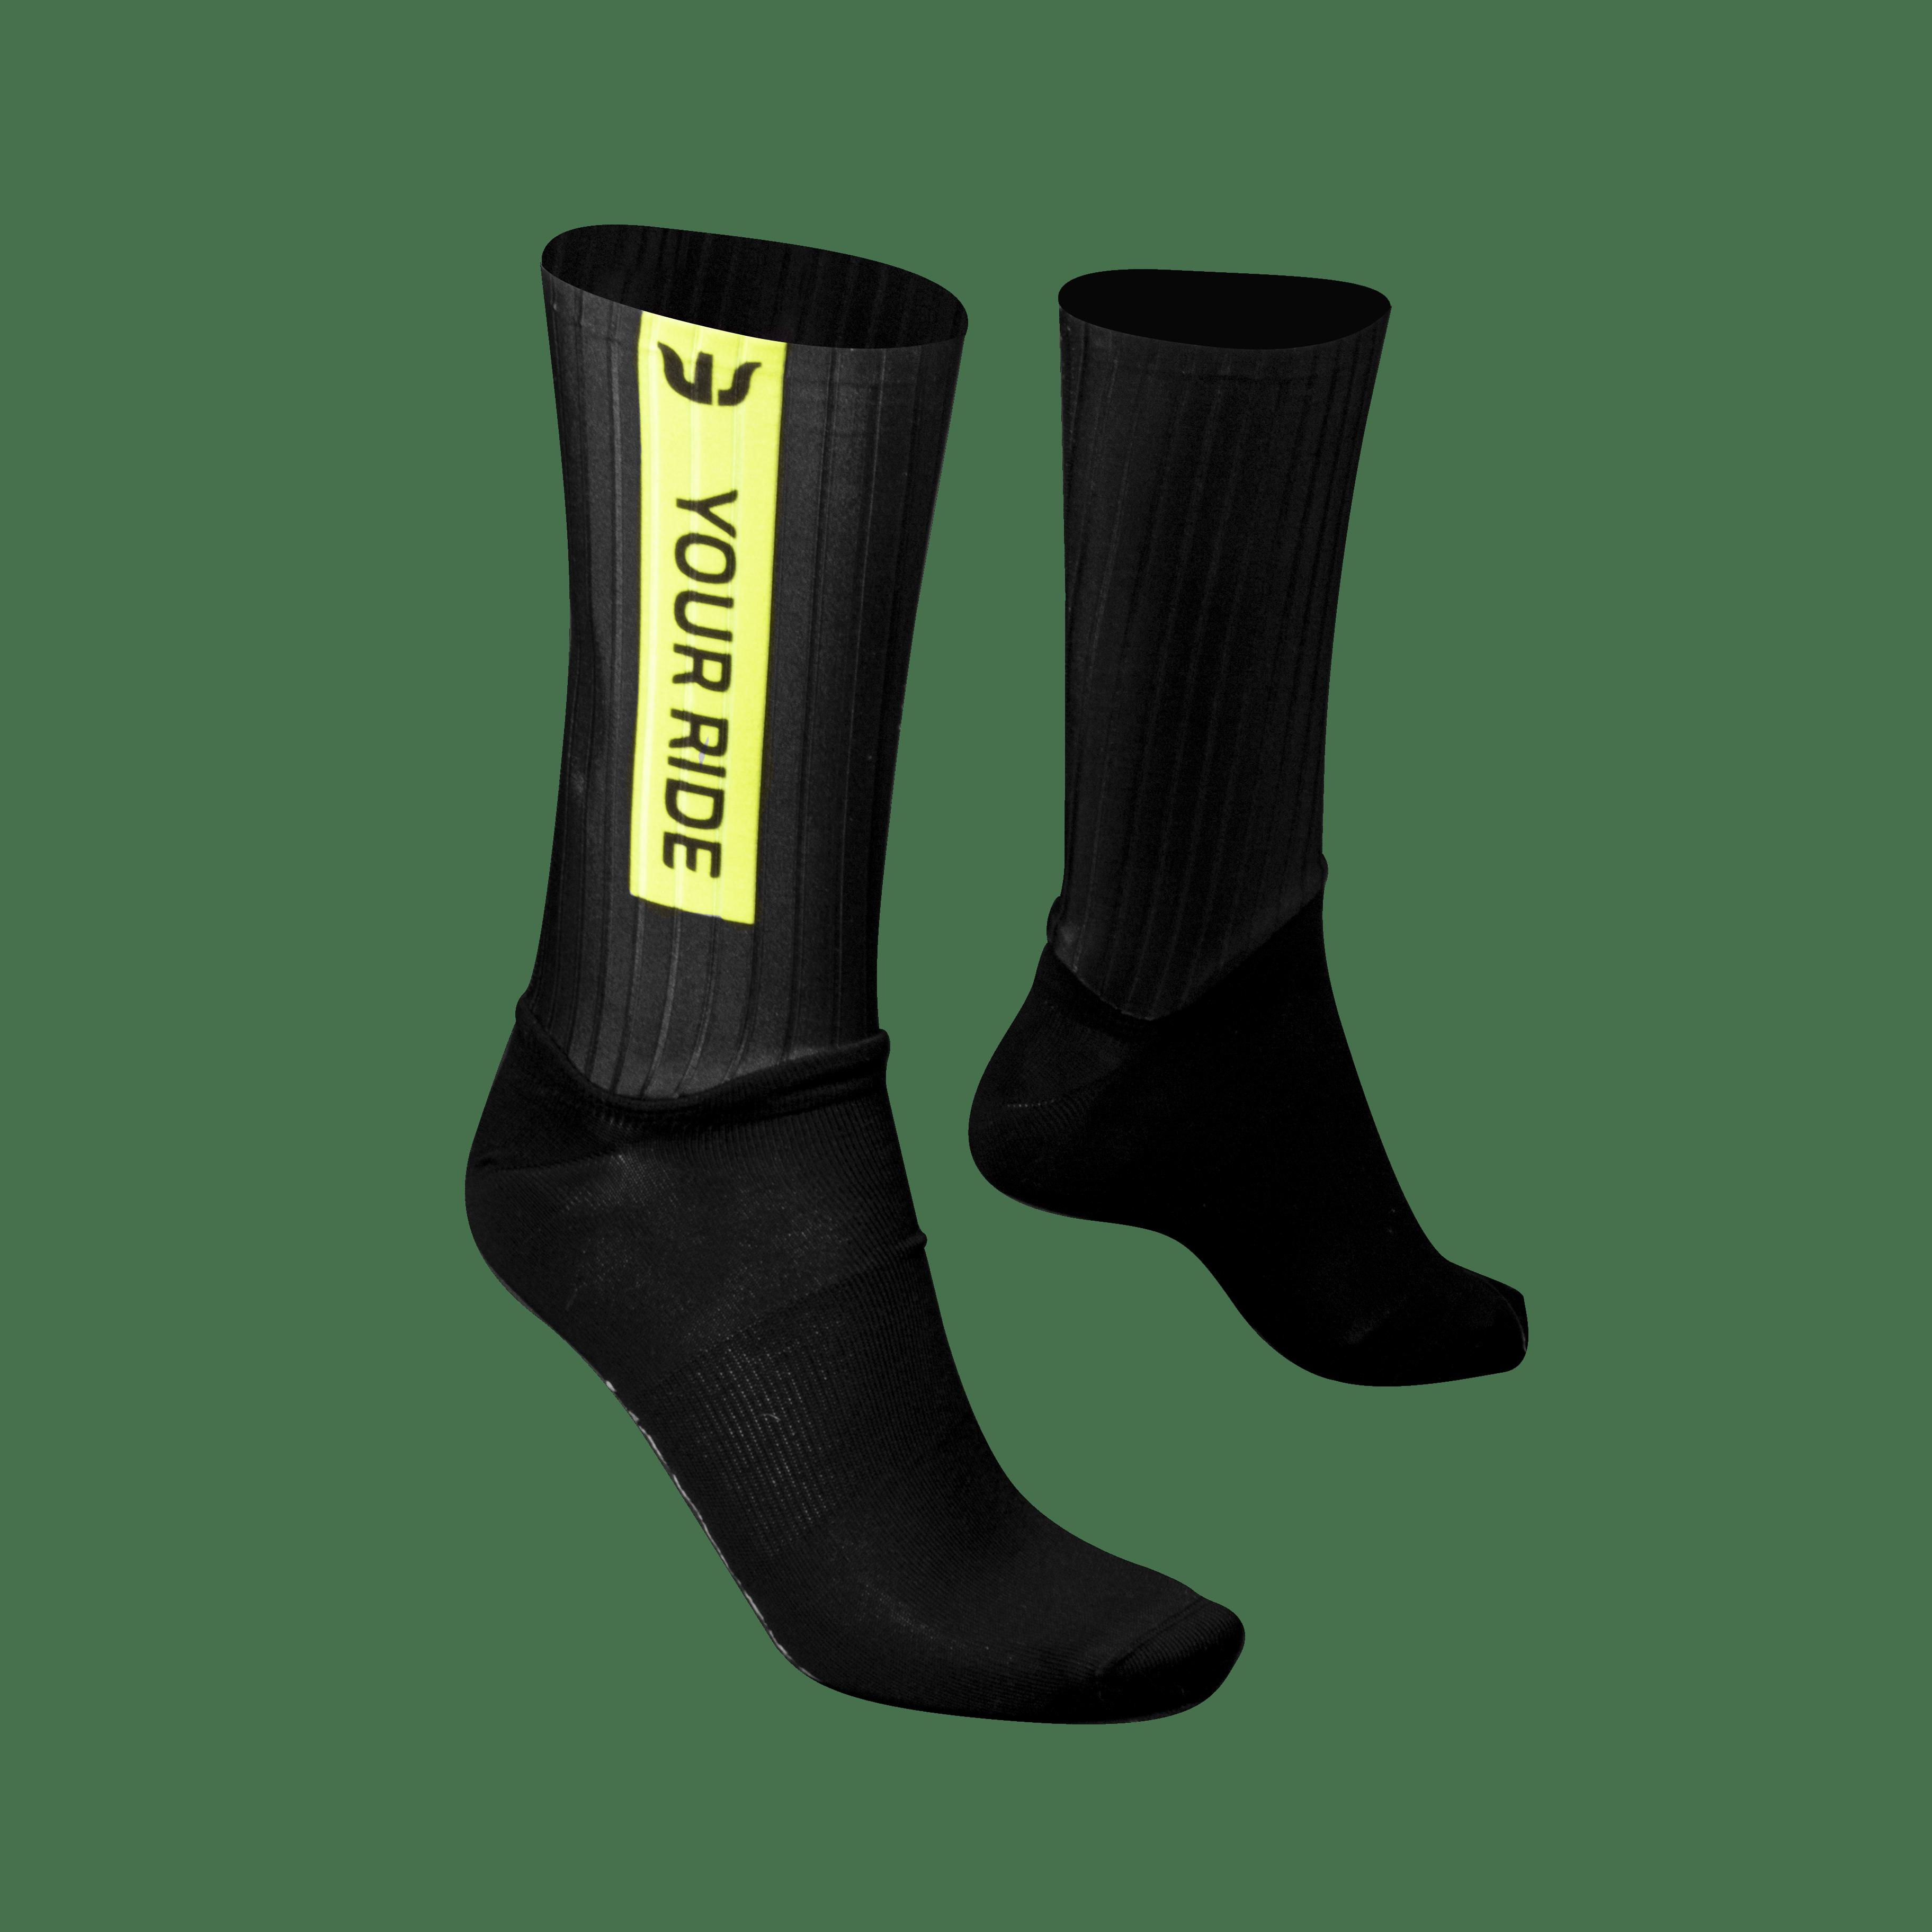 Aero sokken